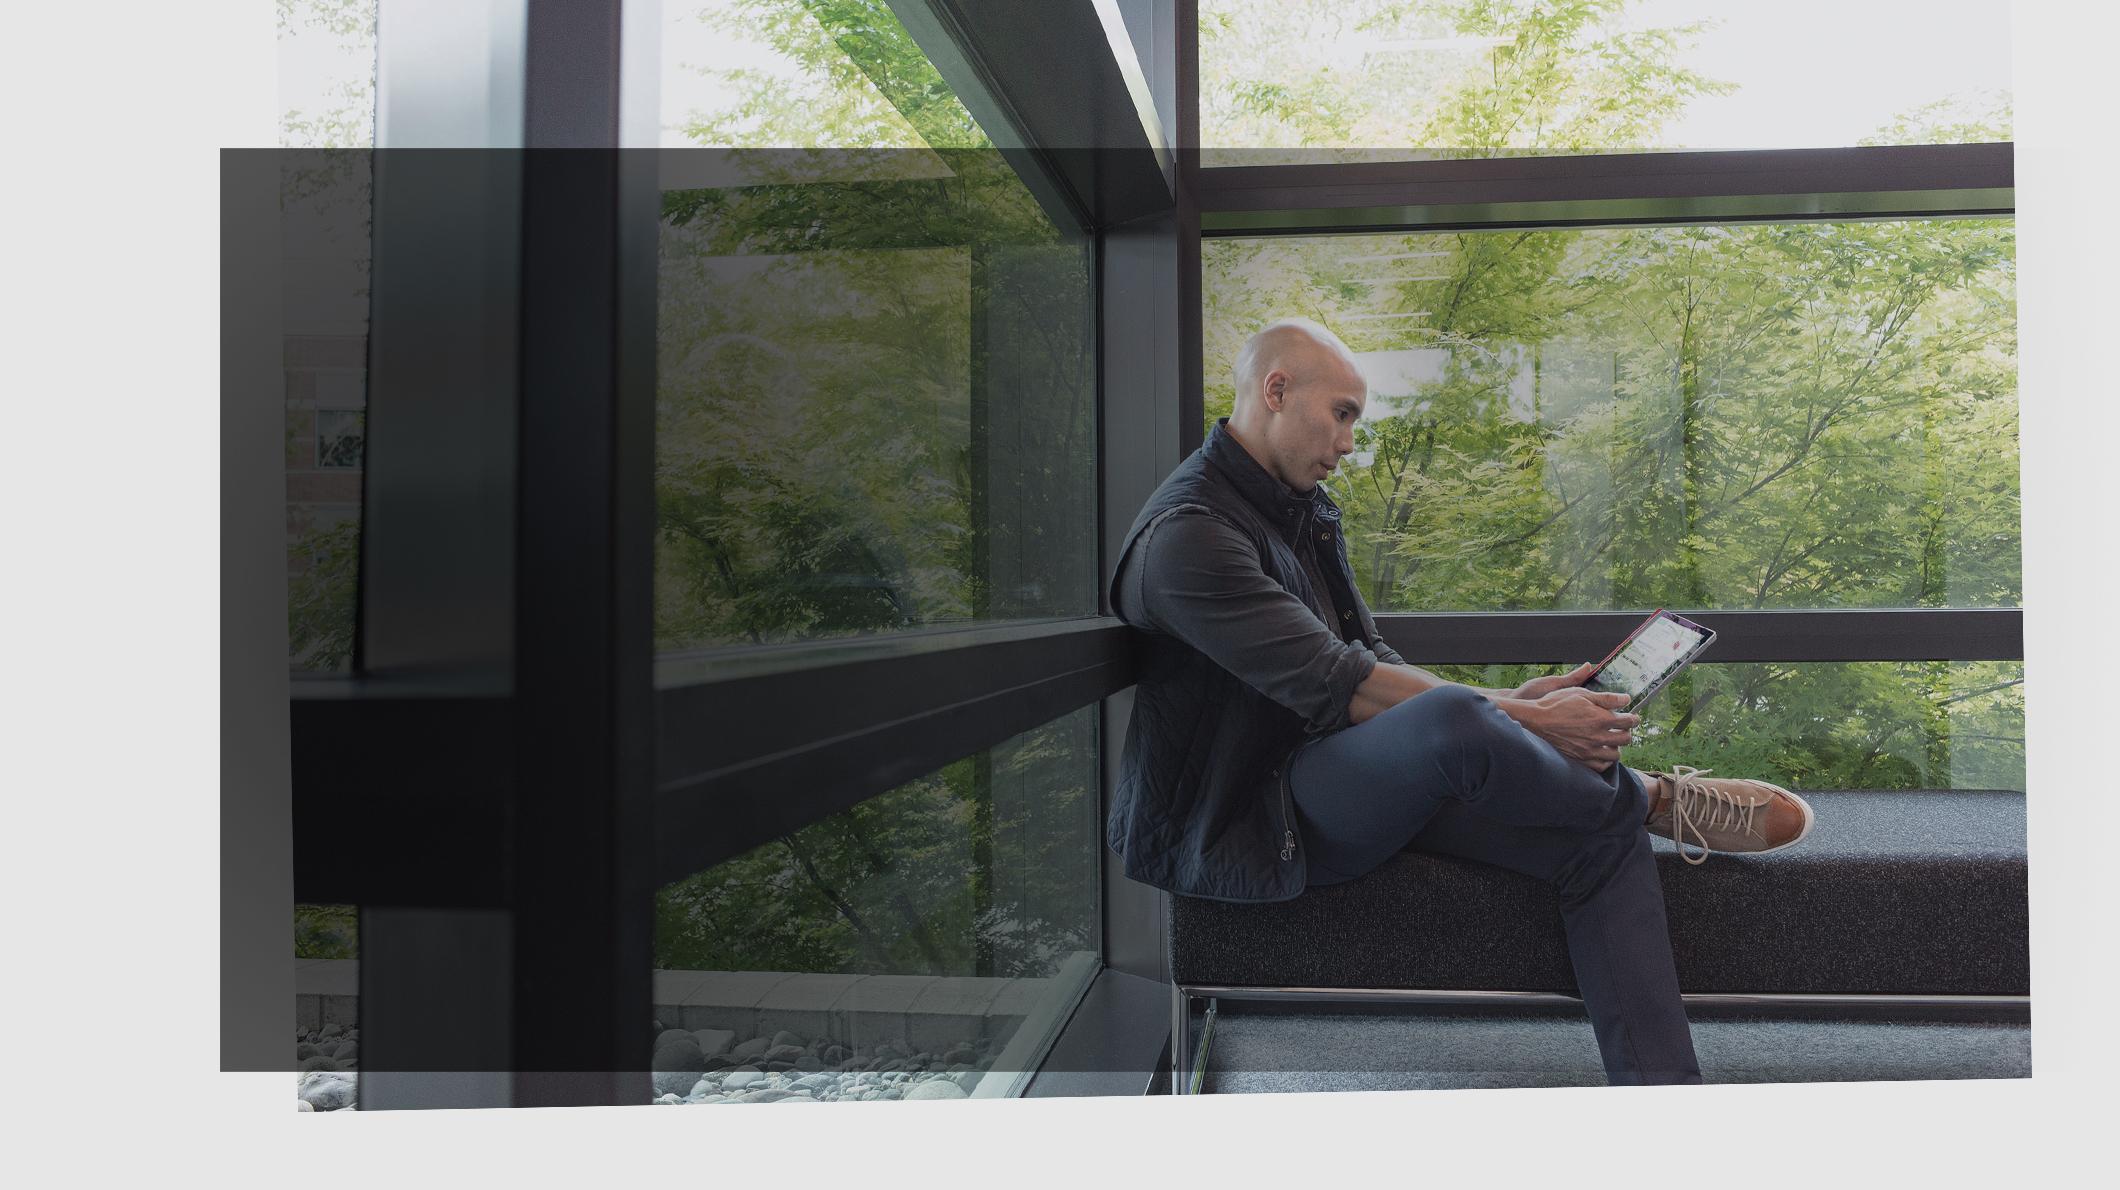 Một người đàn ông ngồi trên ghế dài, nhìn vào thiết bị trong tay